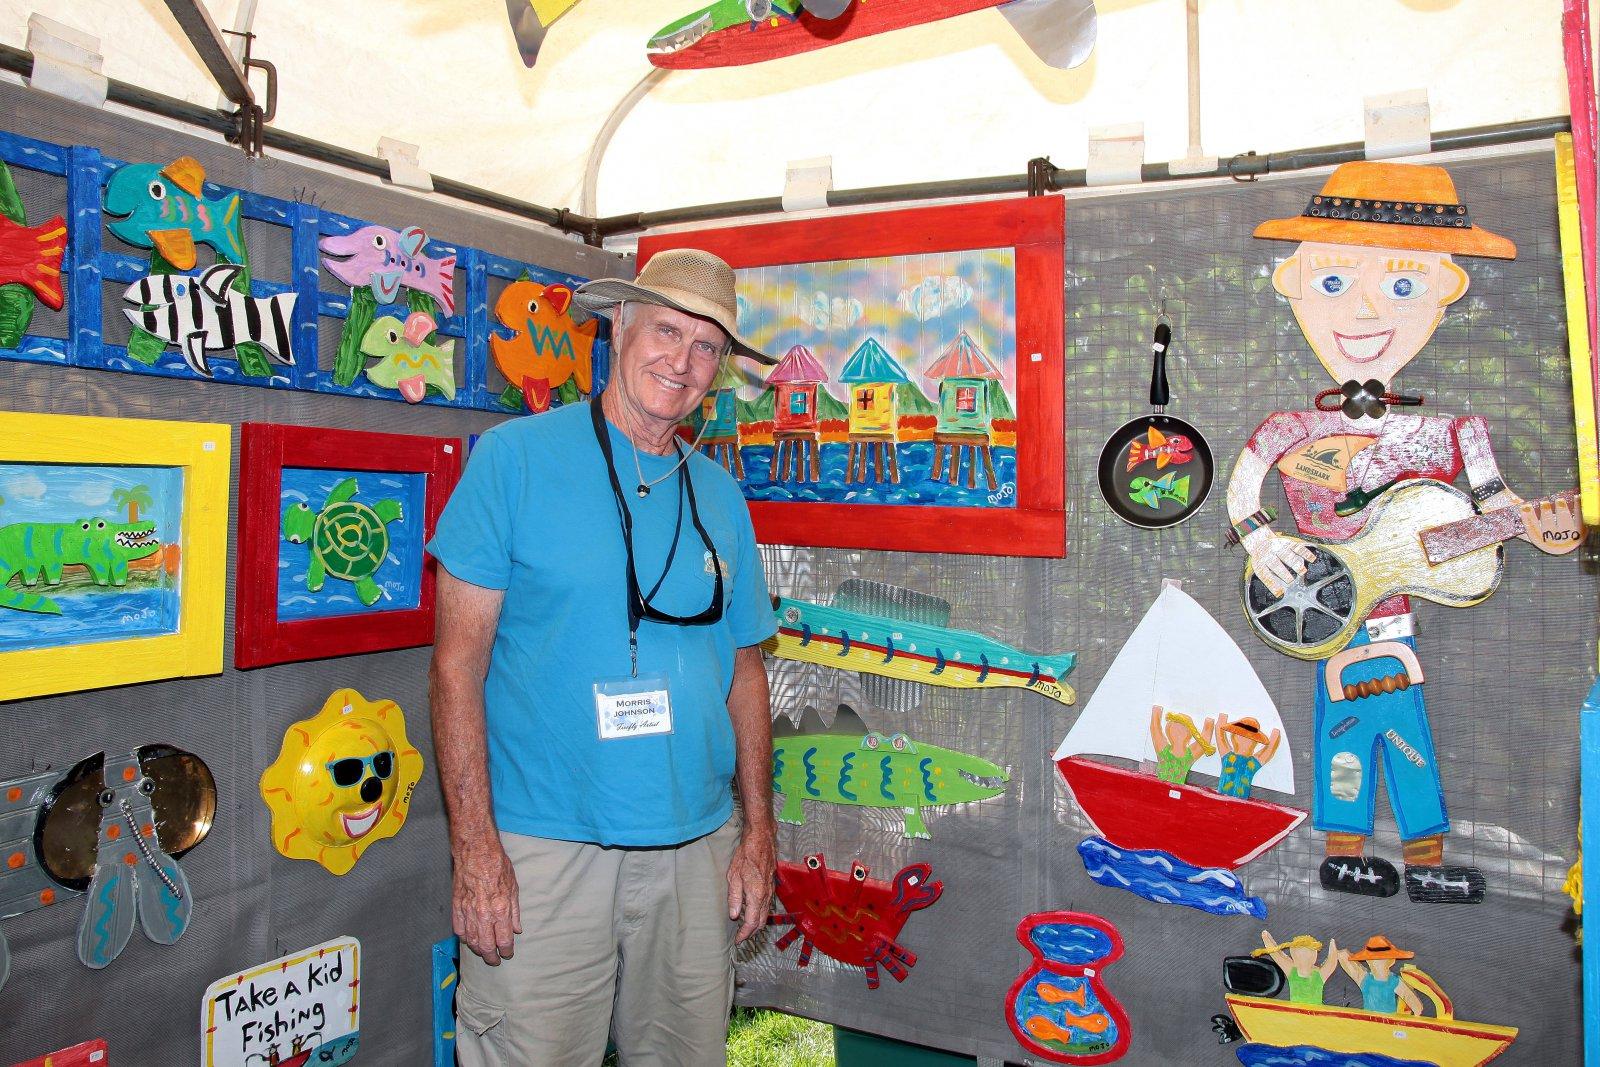 Folk artist, Morris E. Johnson from St. Petersburg, Fl